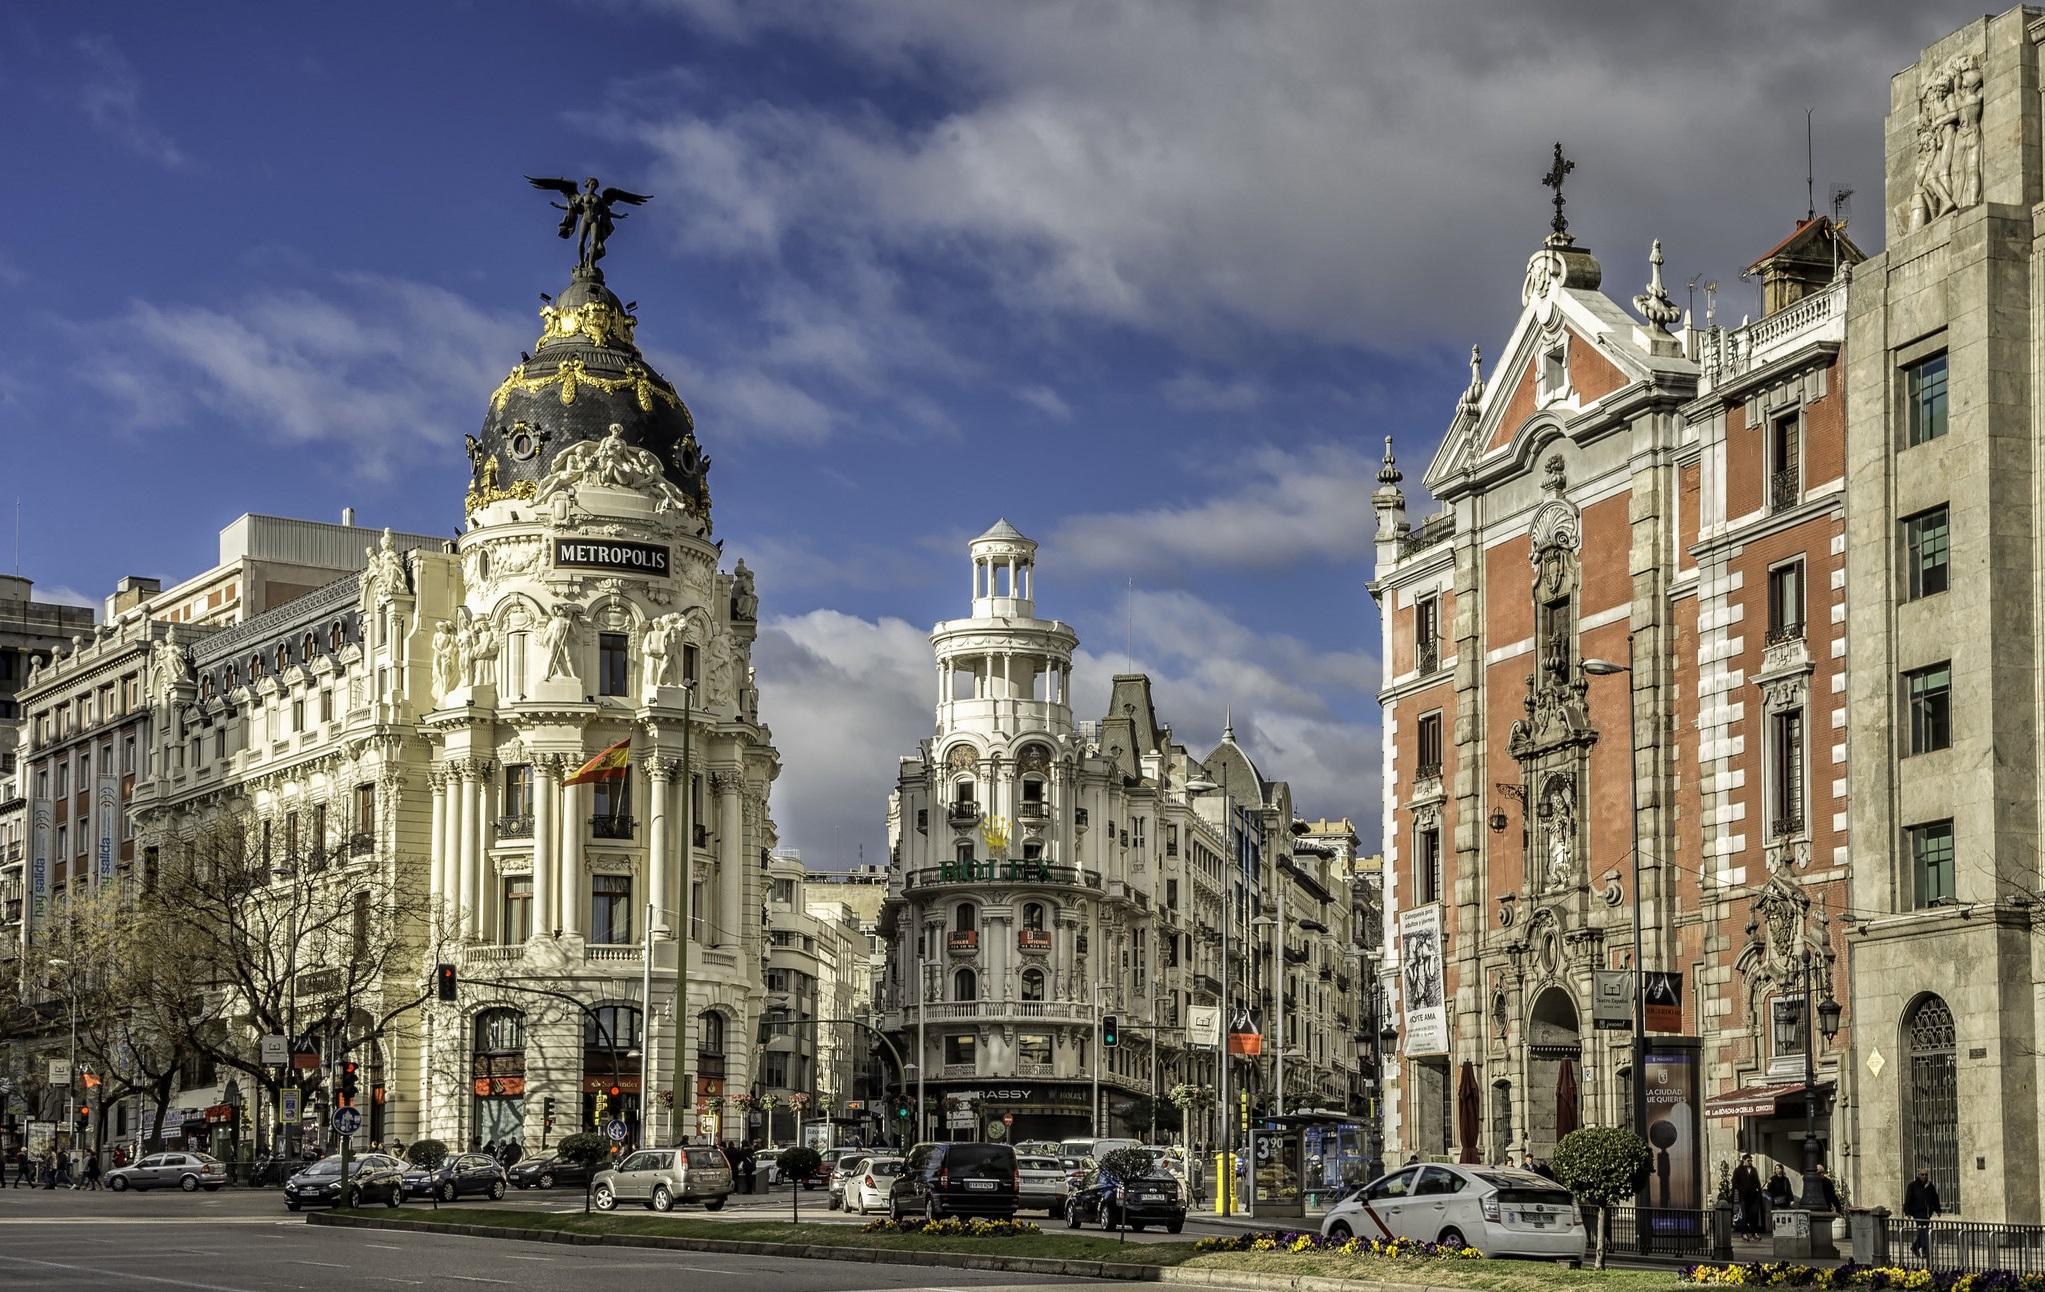 El edificio Metrópolis. Una de las imágenes más conocidas de Madrid